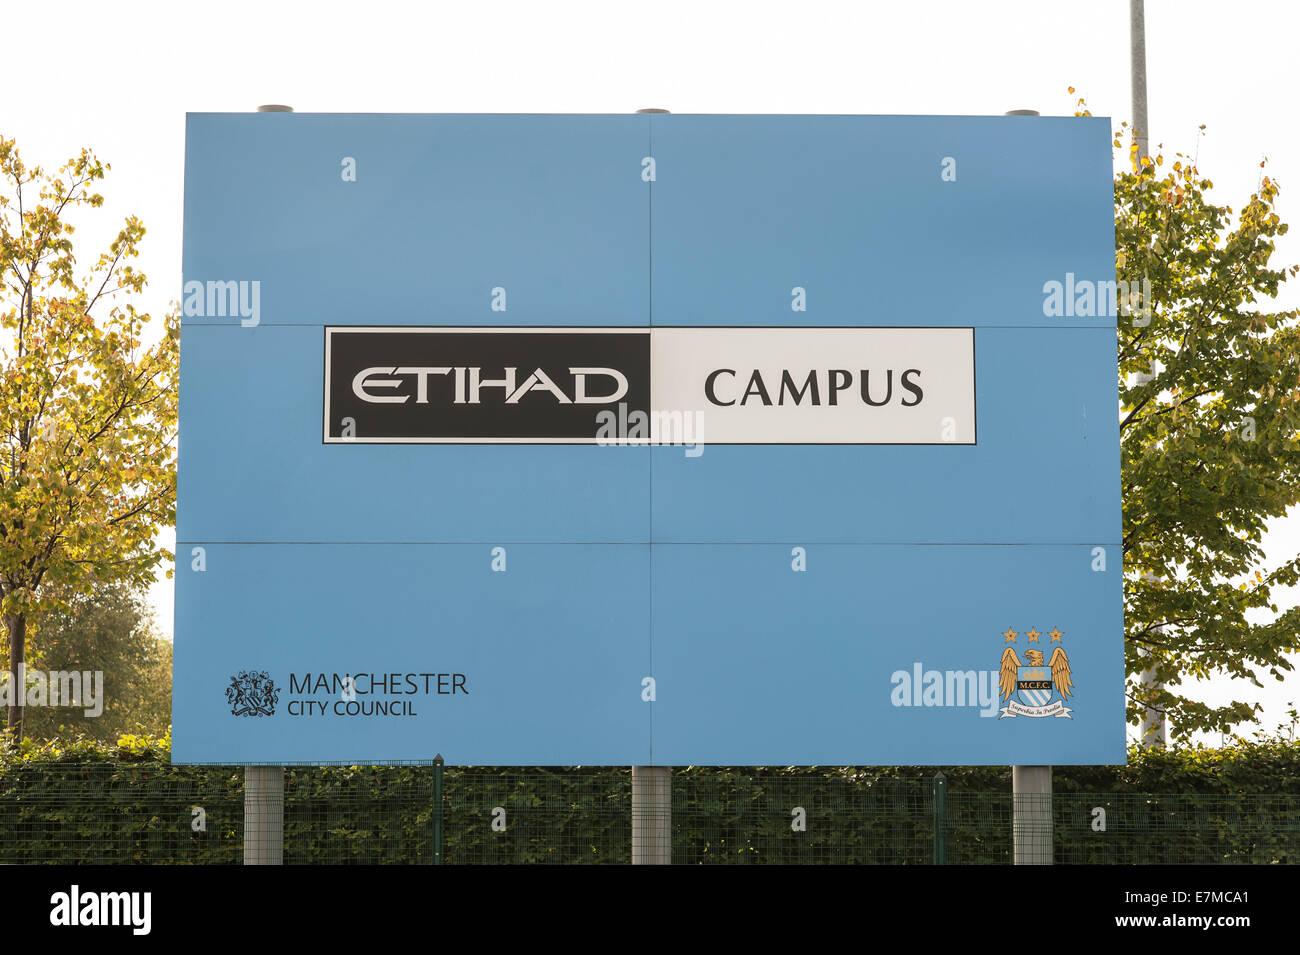 Etihad Campus - Stock Image